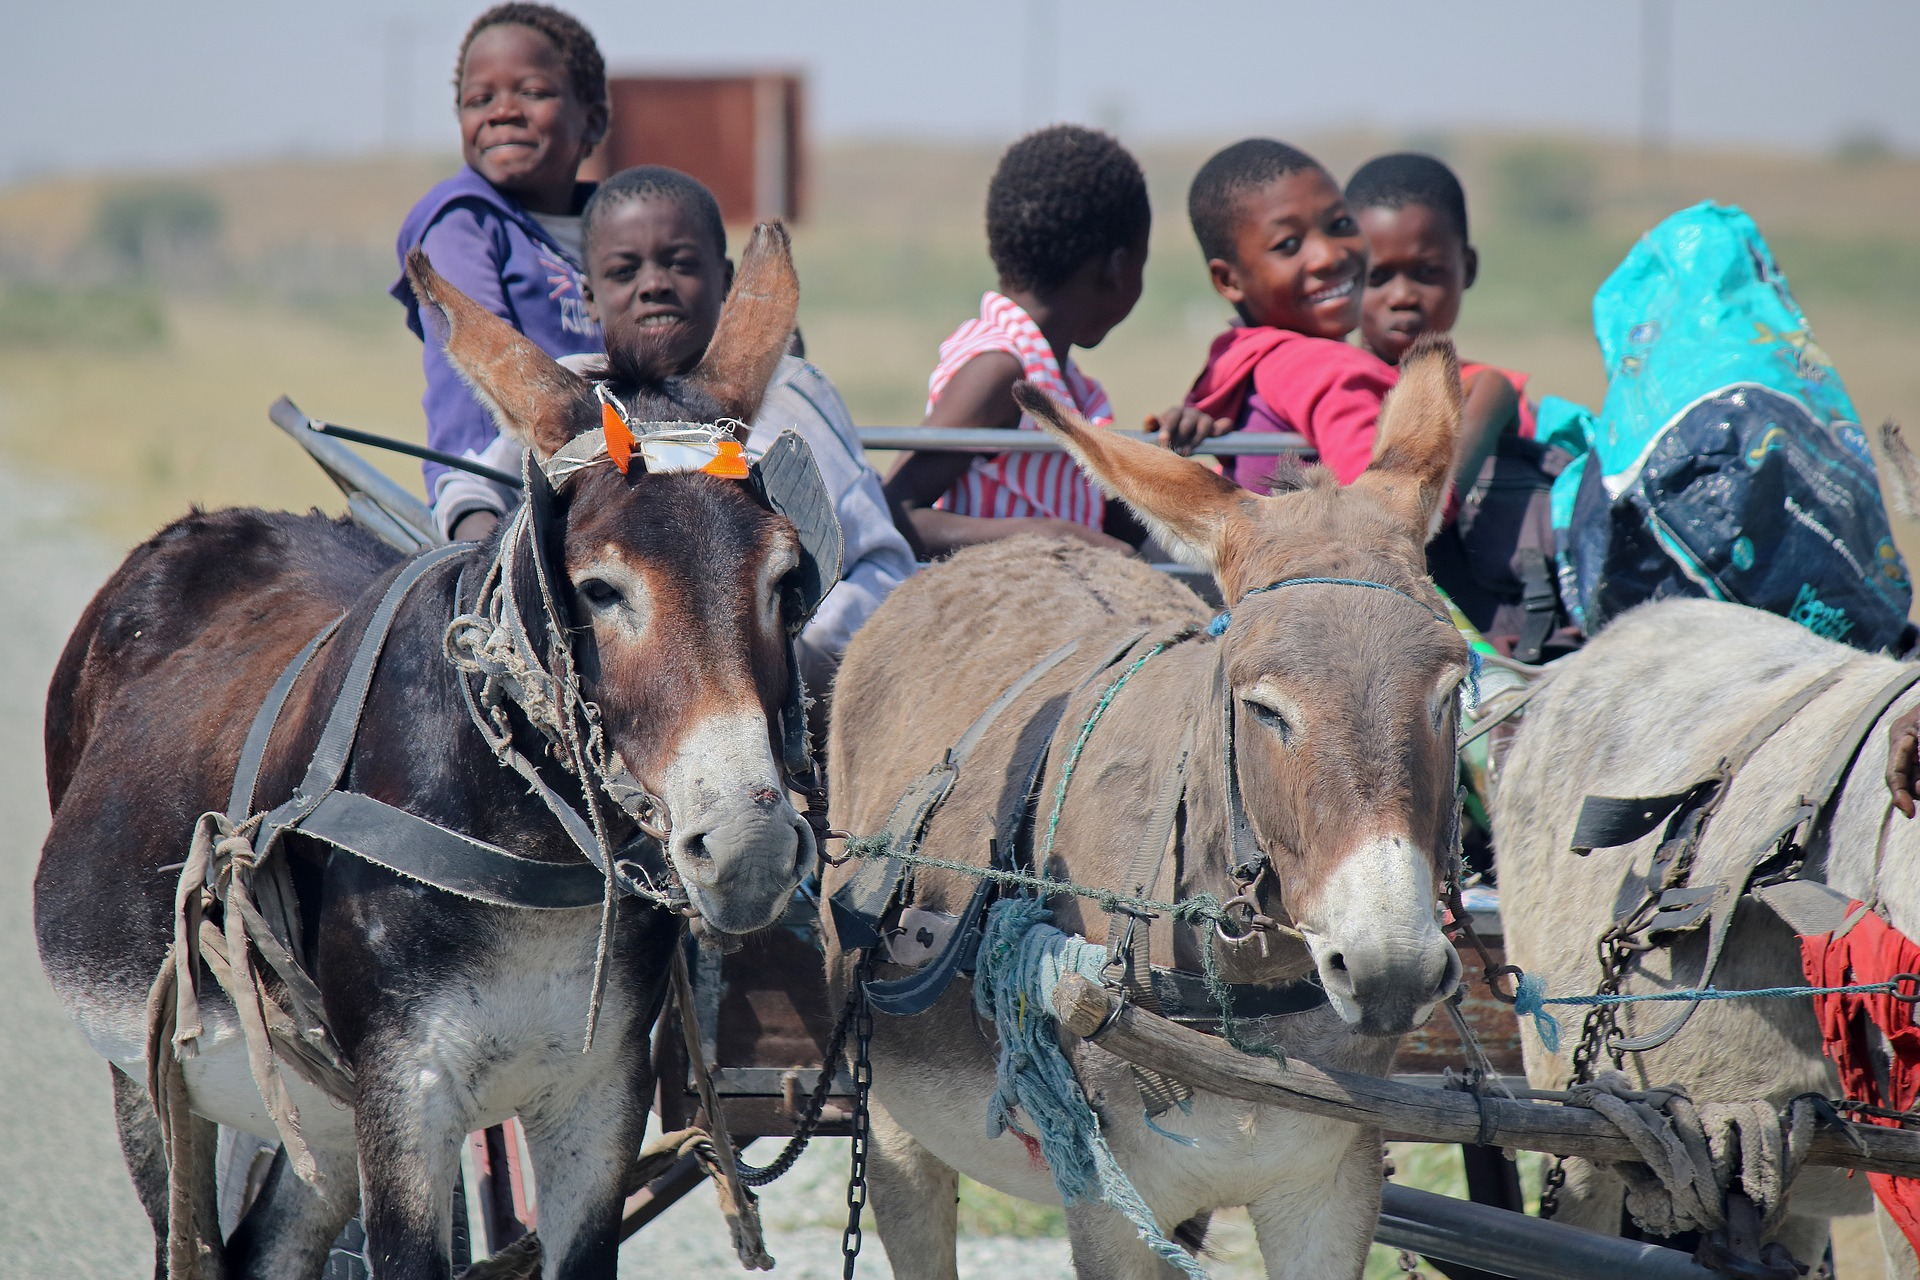 donkey-cart-3761203_1920